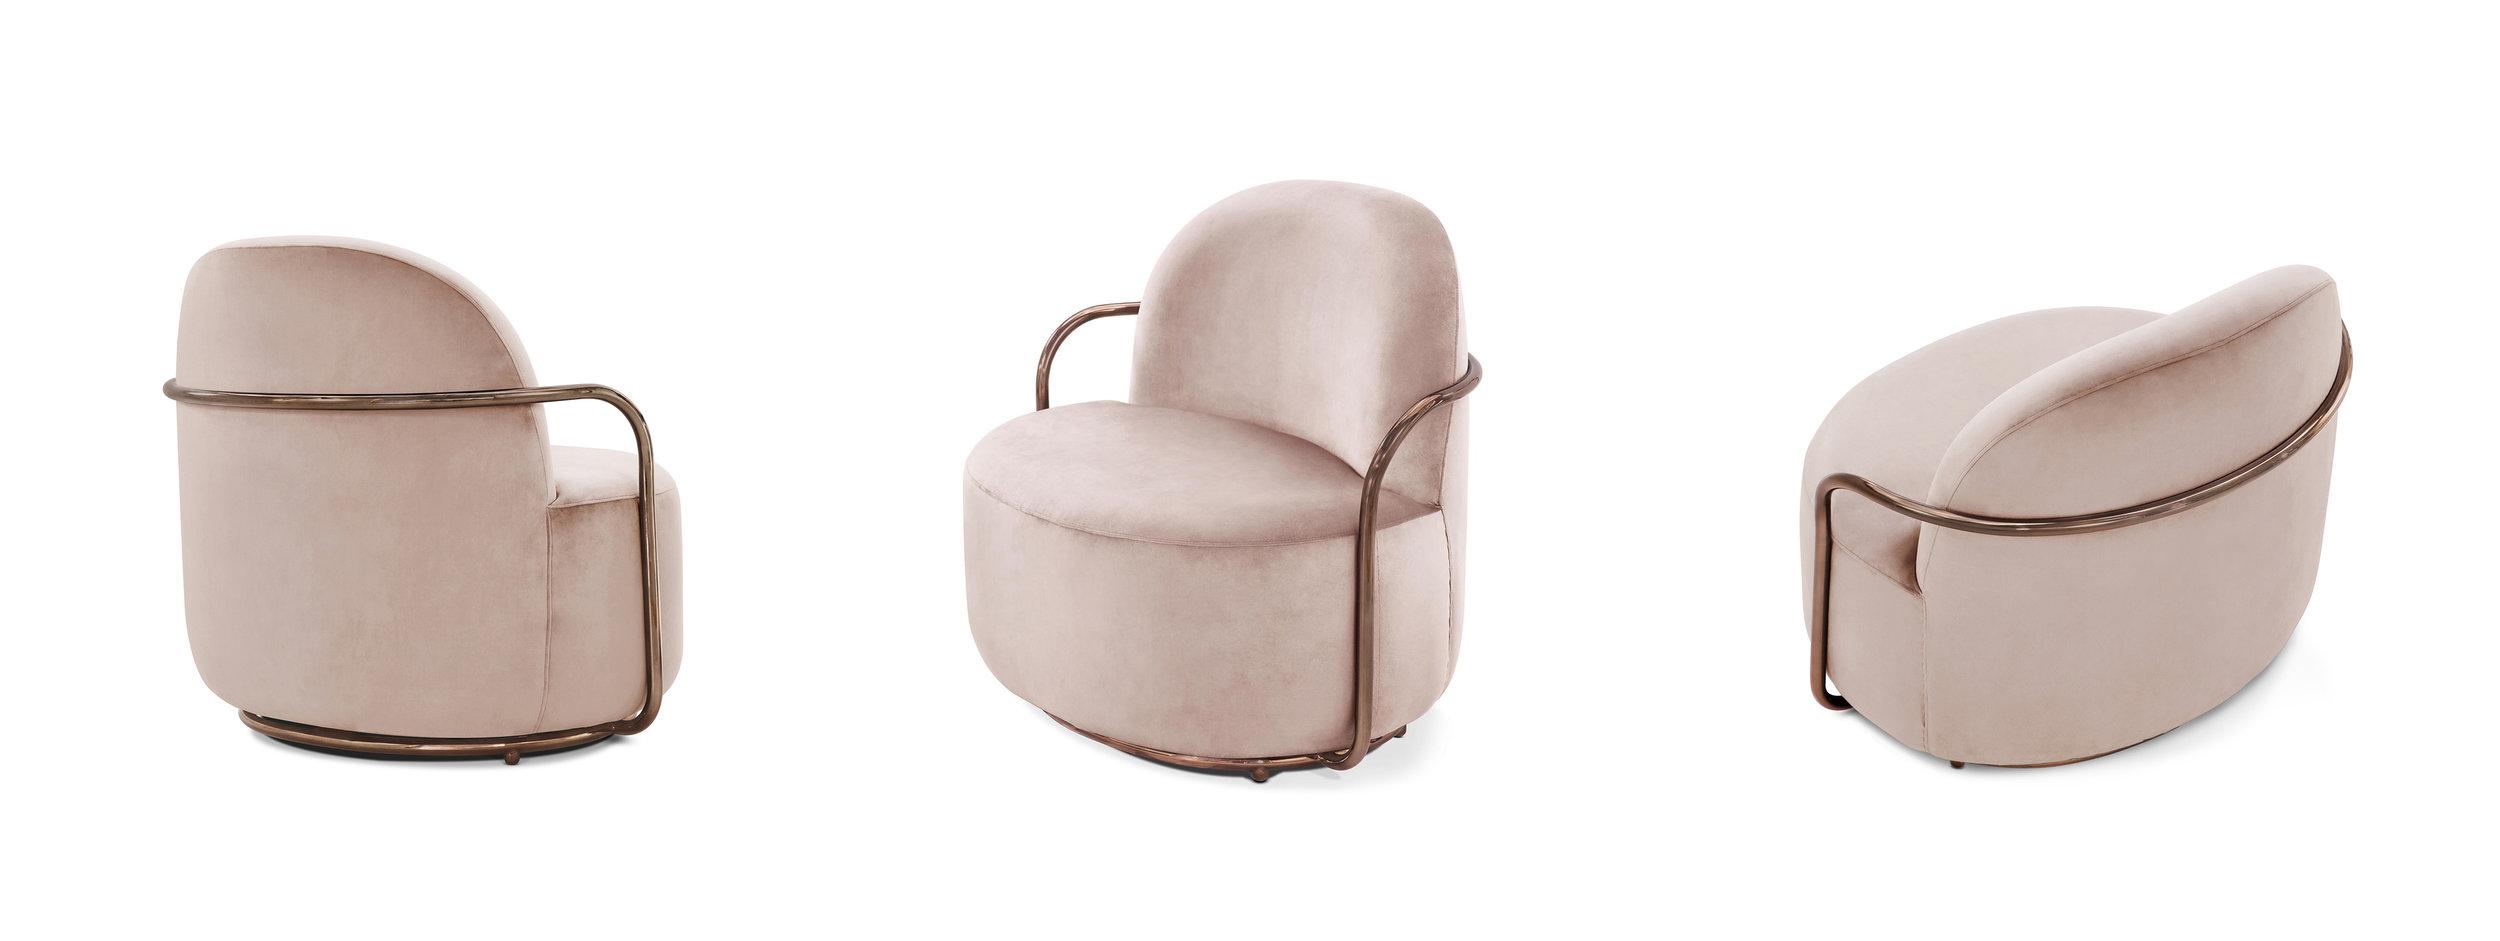 Orion Lounge Chair Blush Rose trio.jpg